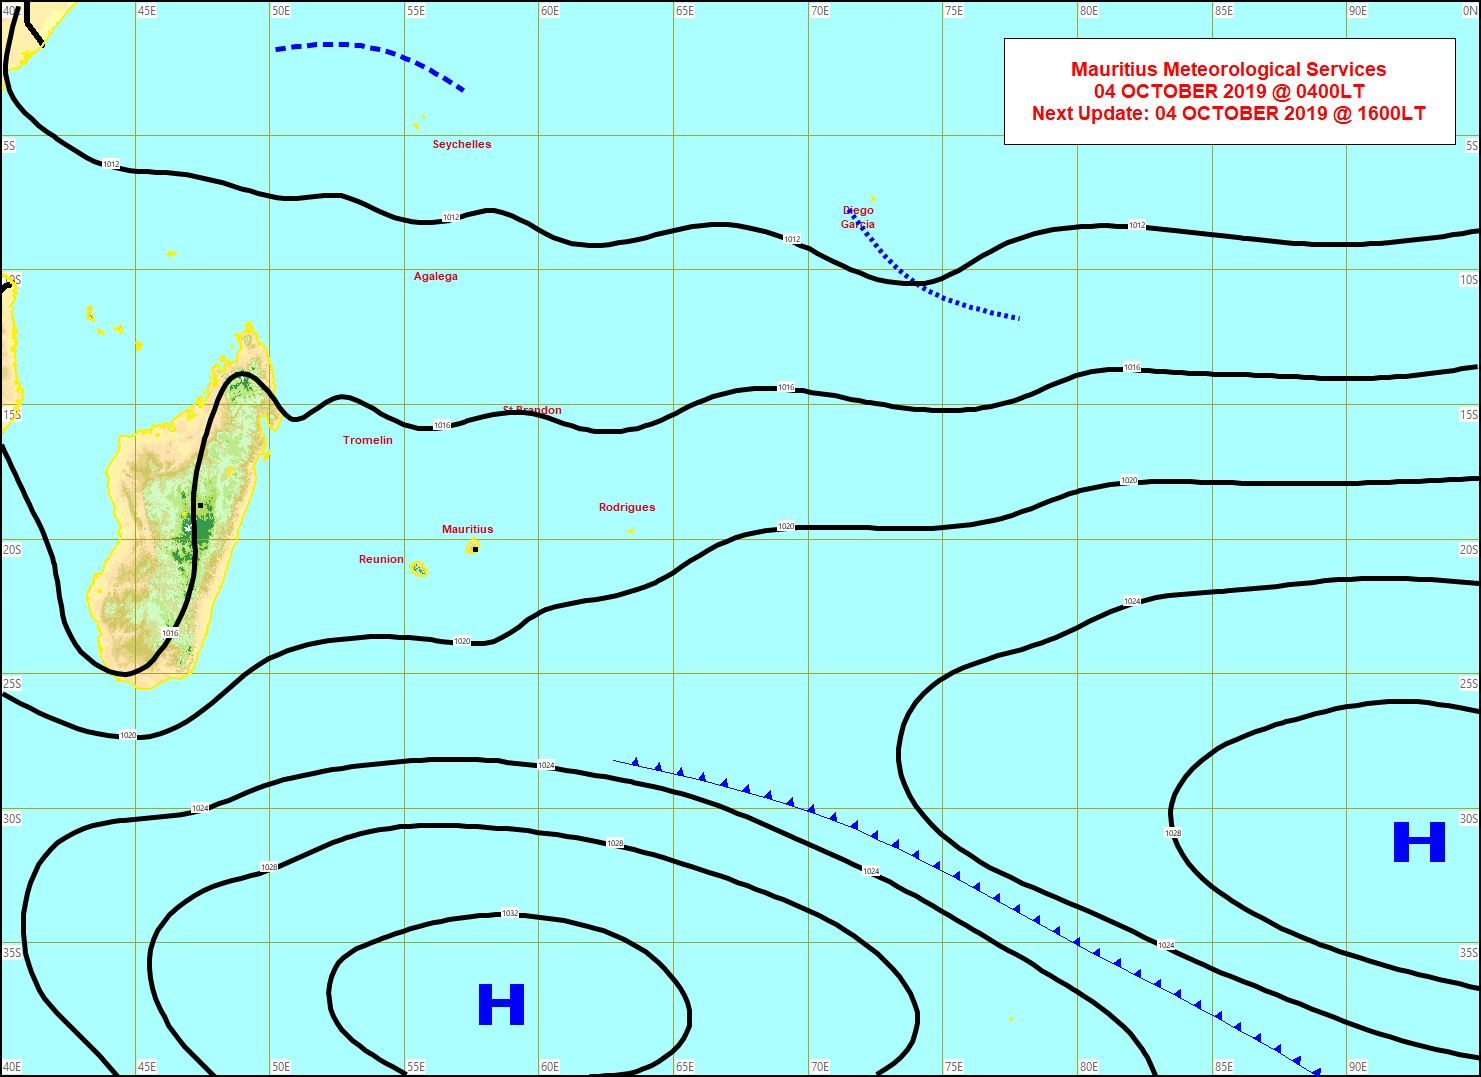 Temps humide sur Maurice avec 74.0mm en 24h à Grand Bassin. MMS